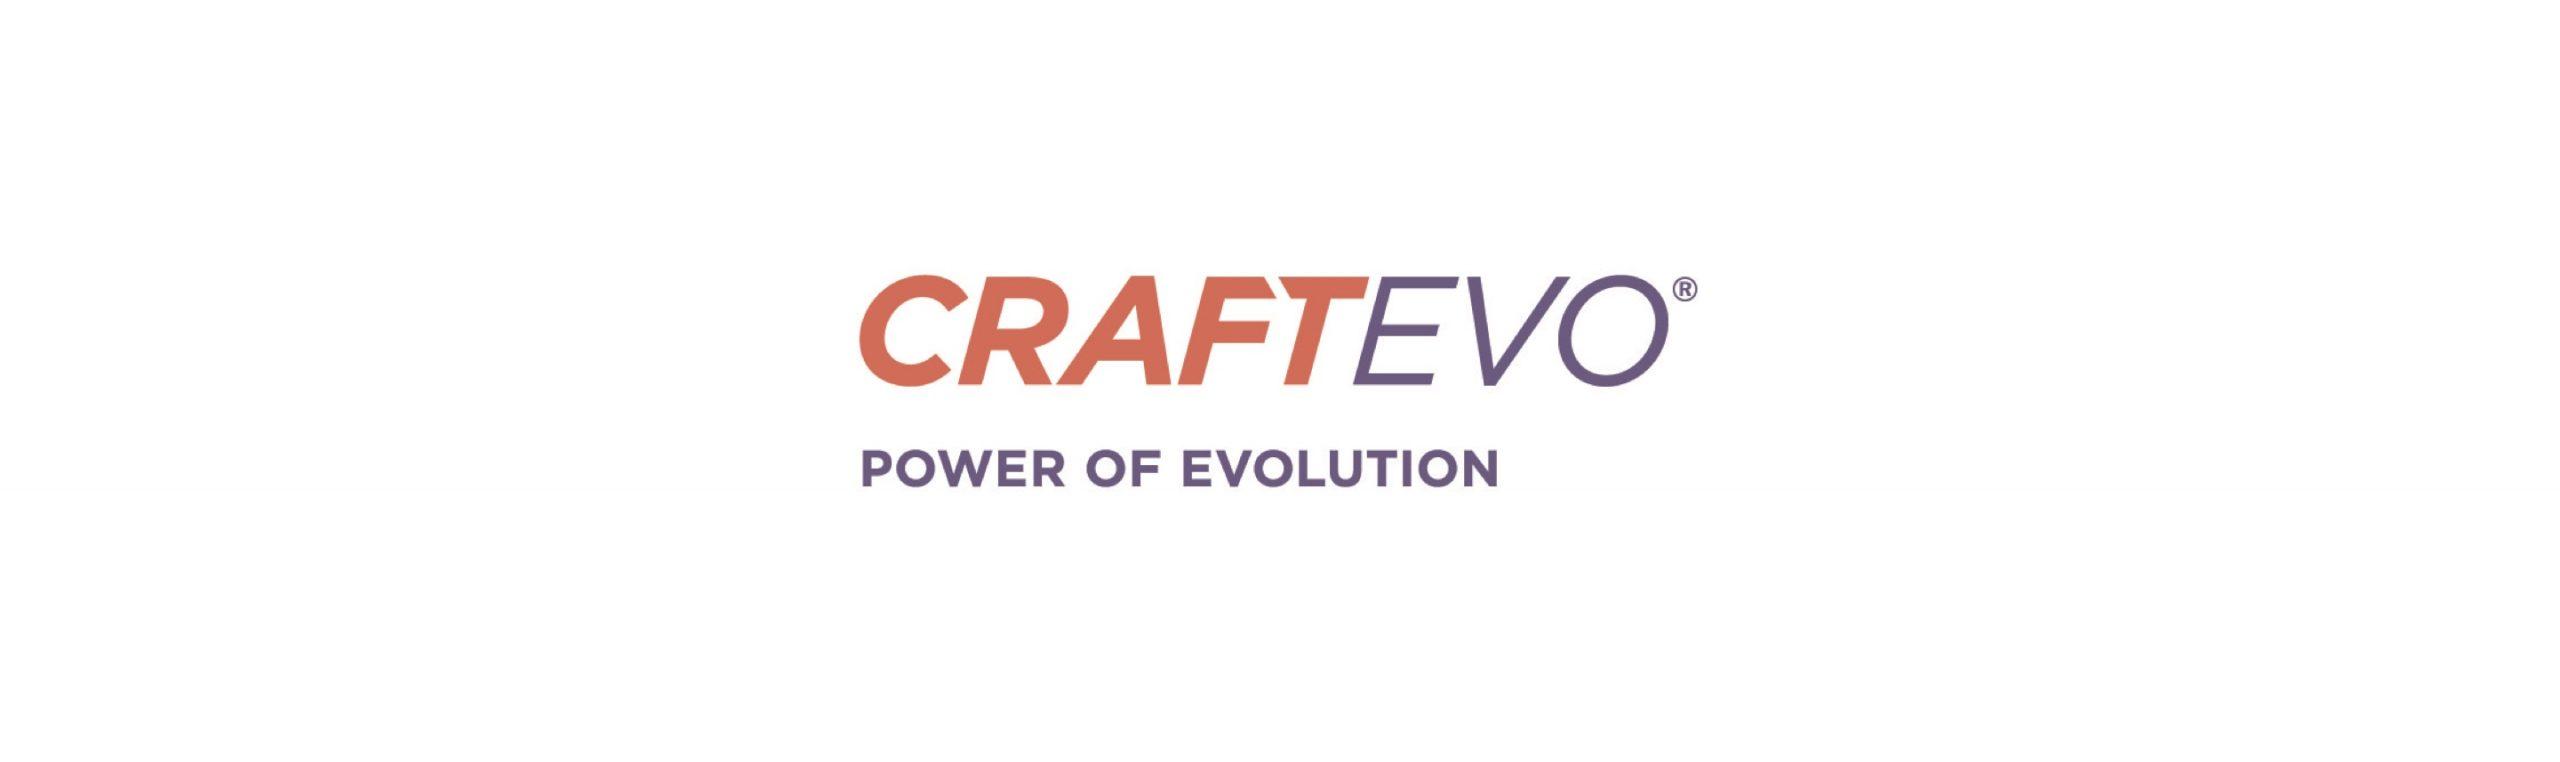 pascher-heinz-craft-evo-launch-logo-01